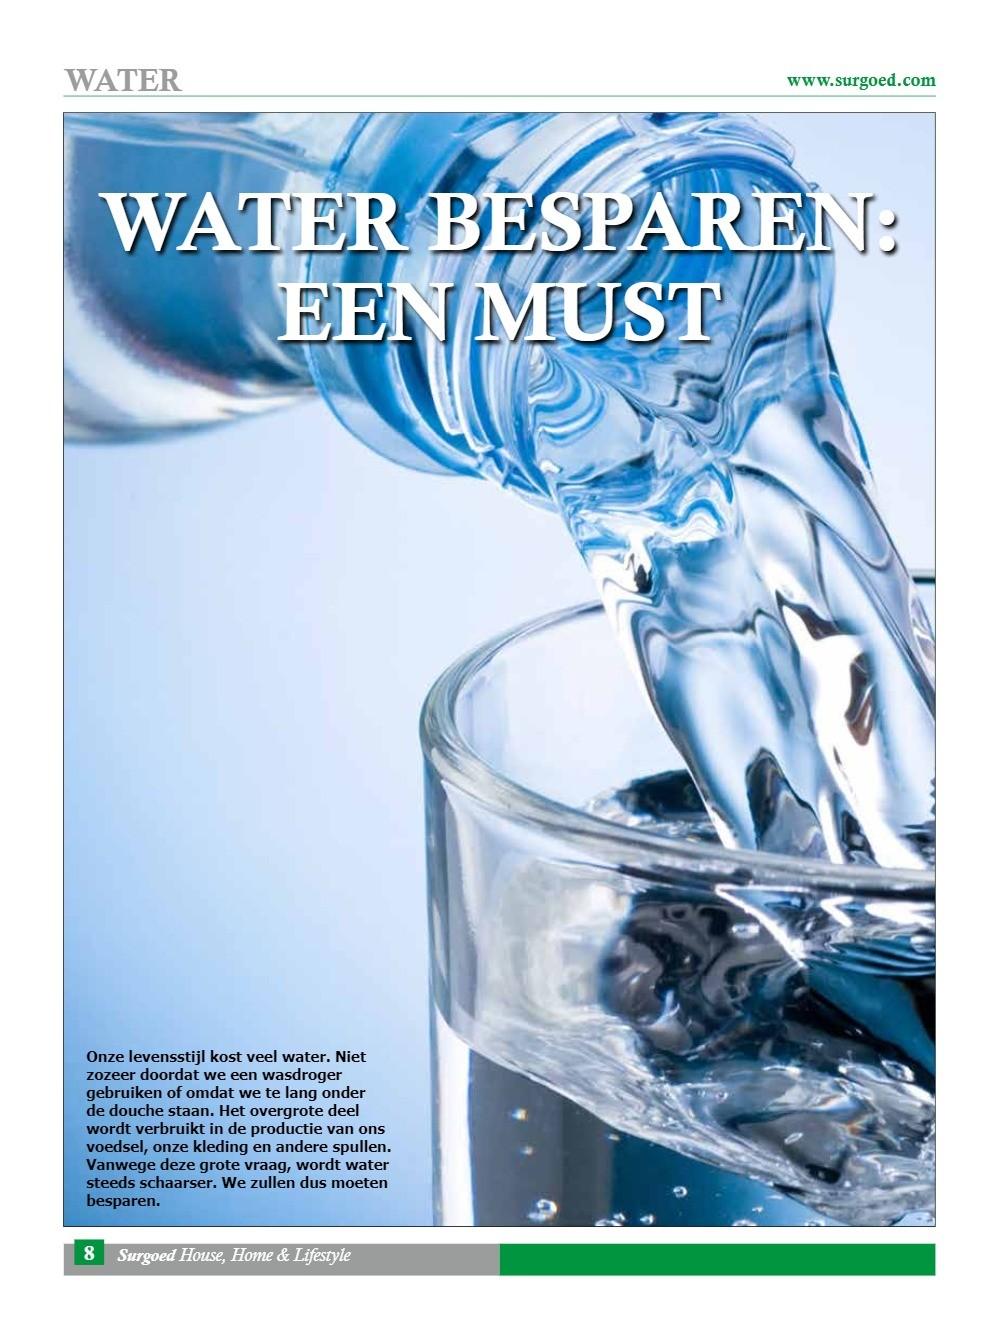 Water besparen: een must